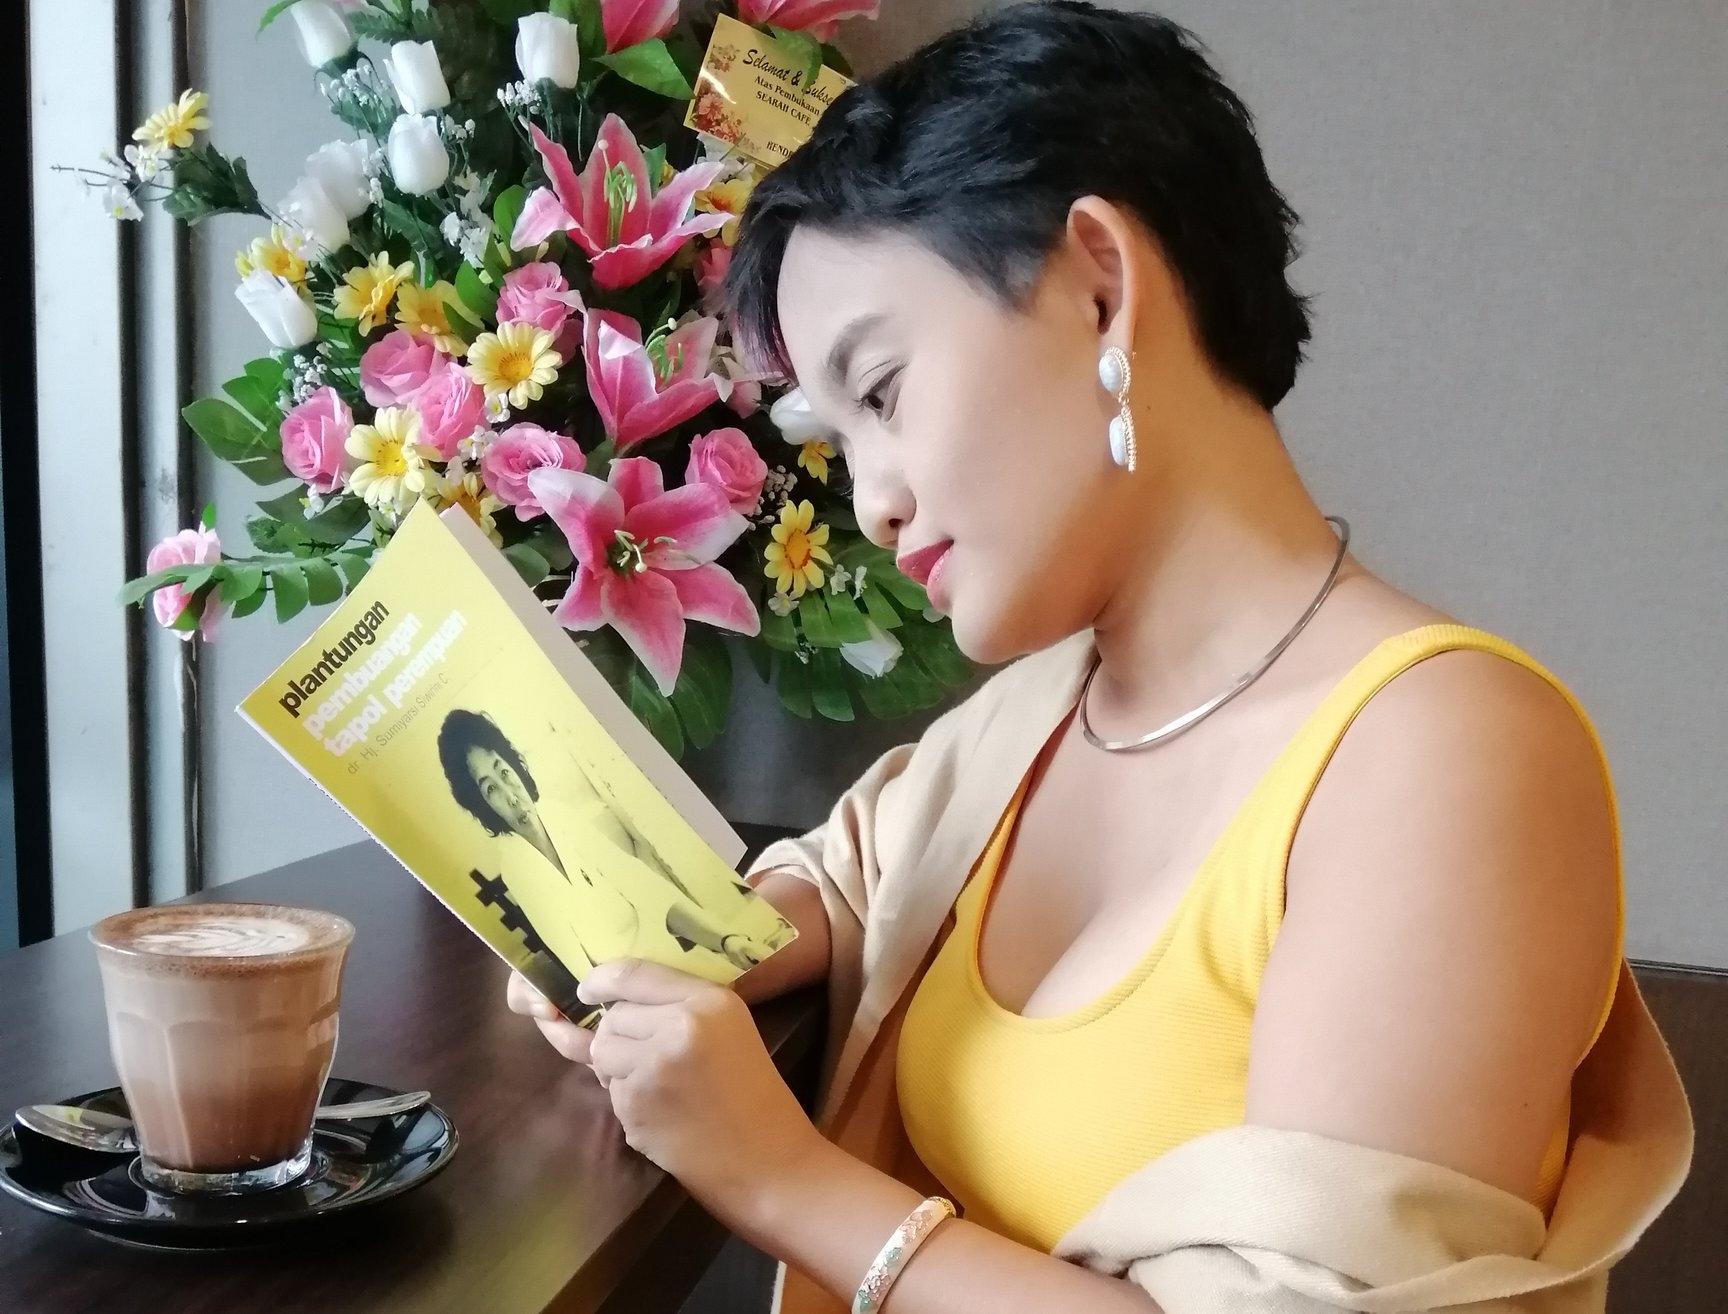 Meneladani Tapol Perempuan, Ulasan Buku Plantungan Pembuangan Tapol Perempuan